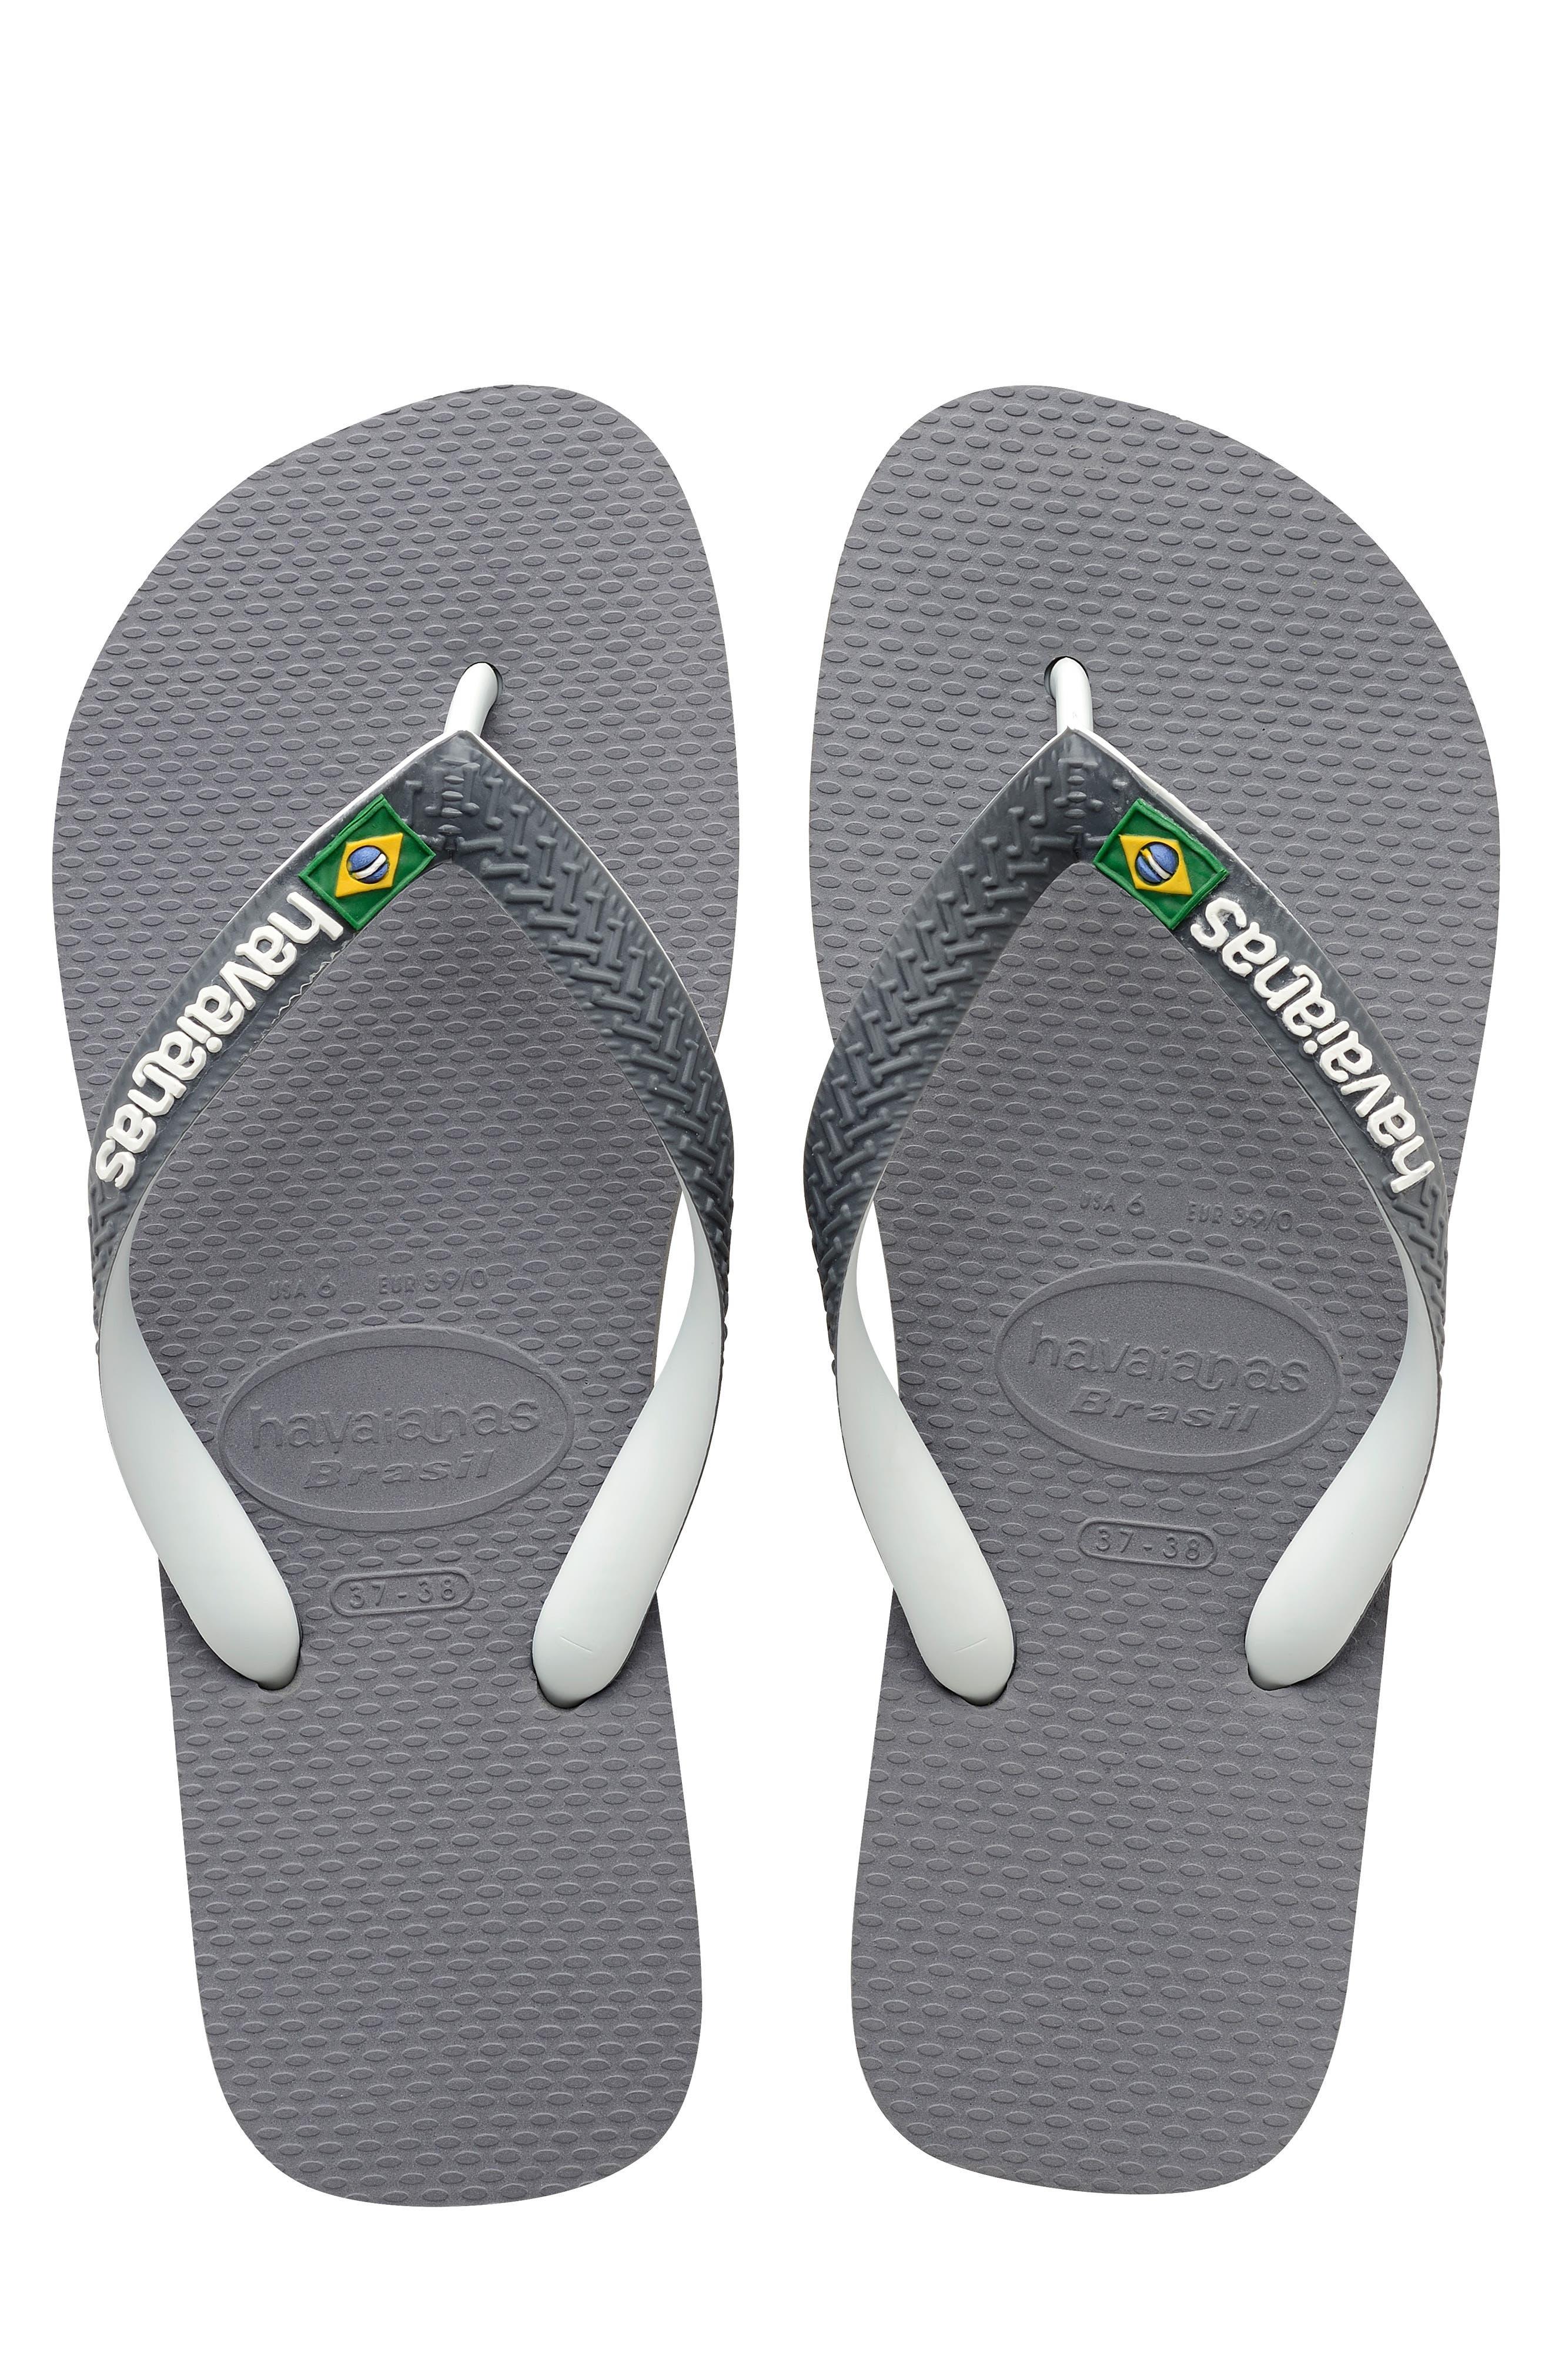 HAVAIANAS, Brazil Mix Flip Flop, Main thumbnail 1, color, GREY